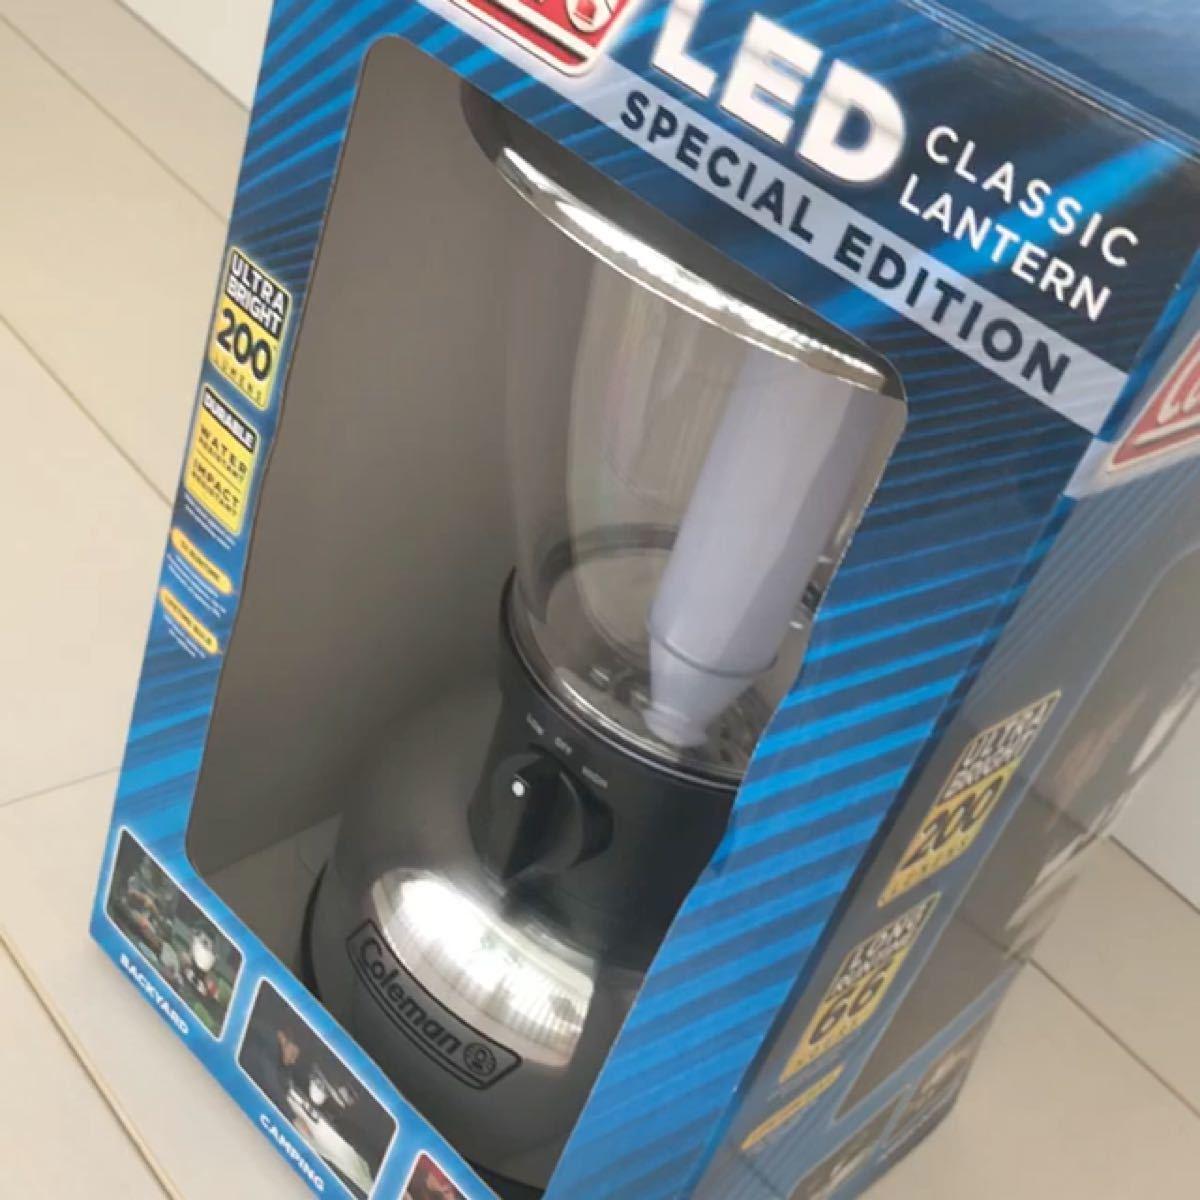 Coleman コールマン コールマンランタン ランタン 電池式ランタン レトロ MODEL LEDクラシックランタン